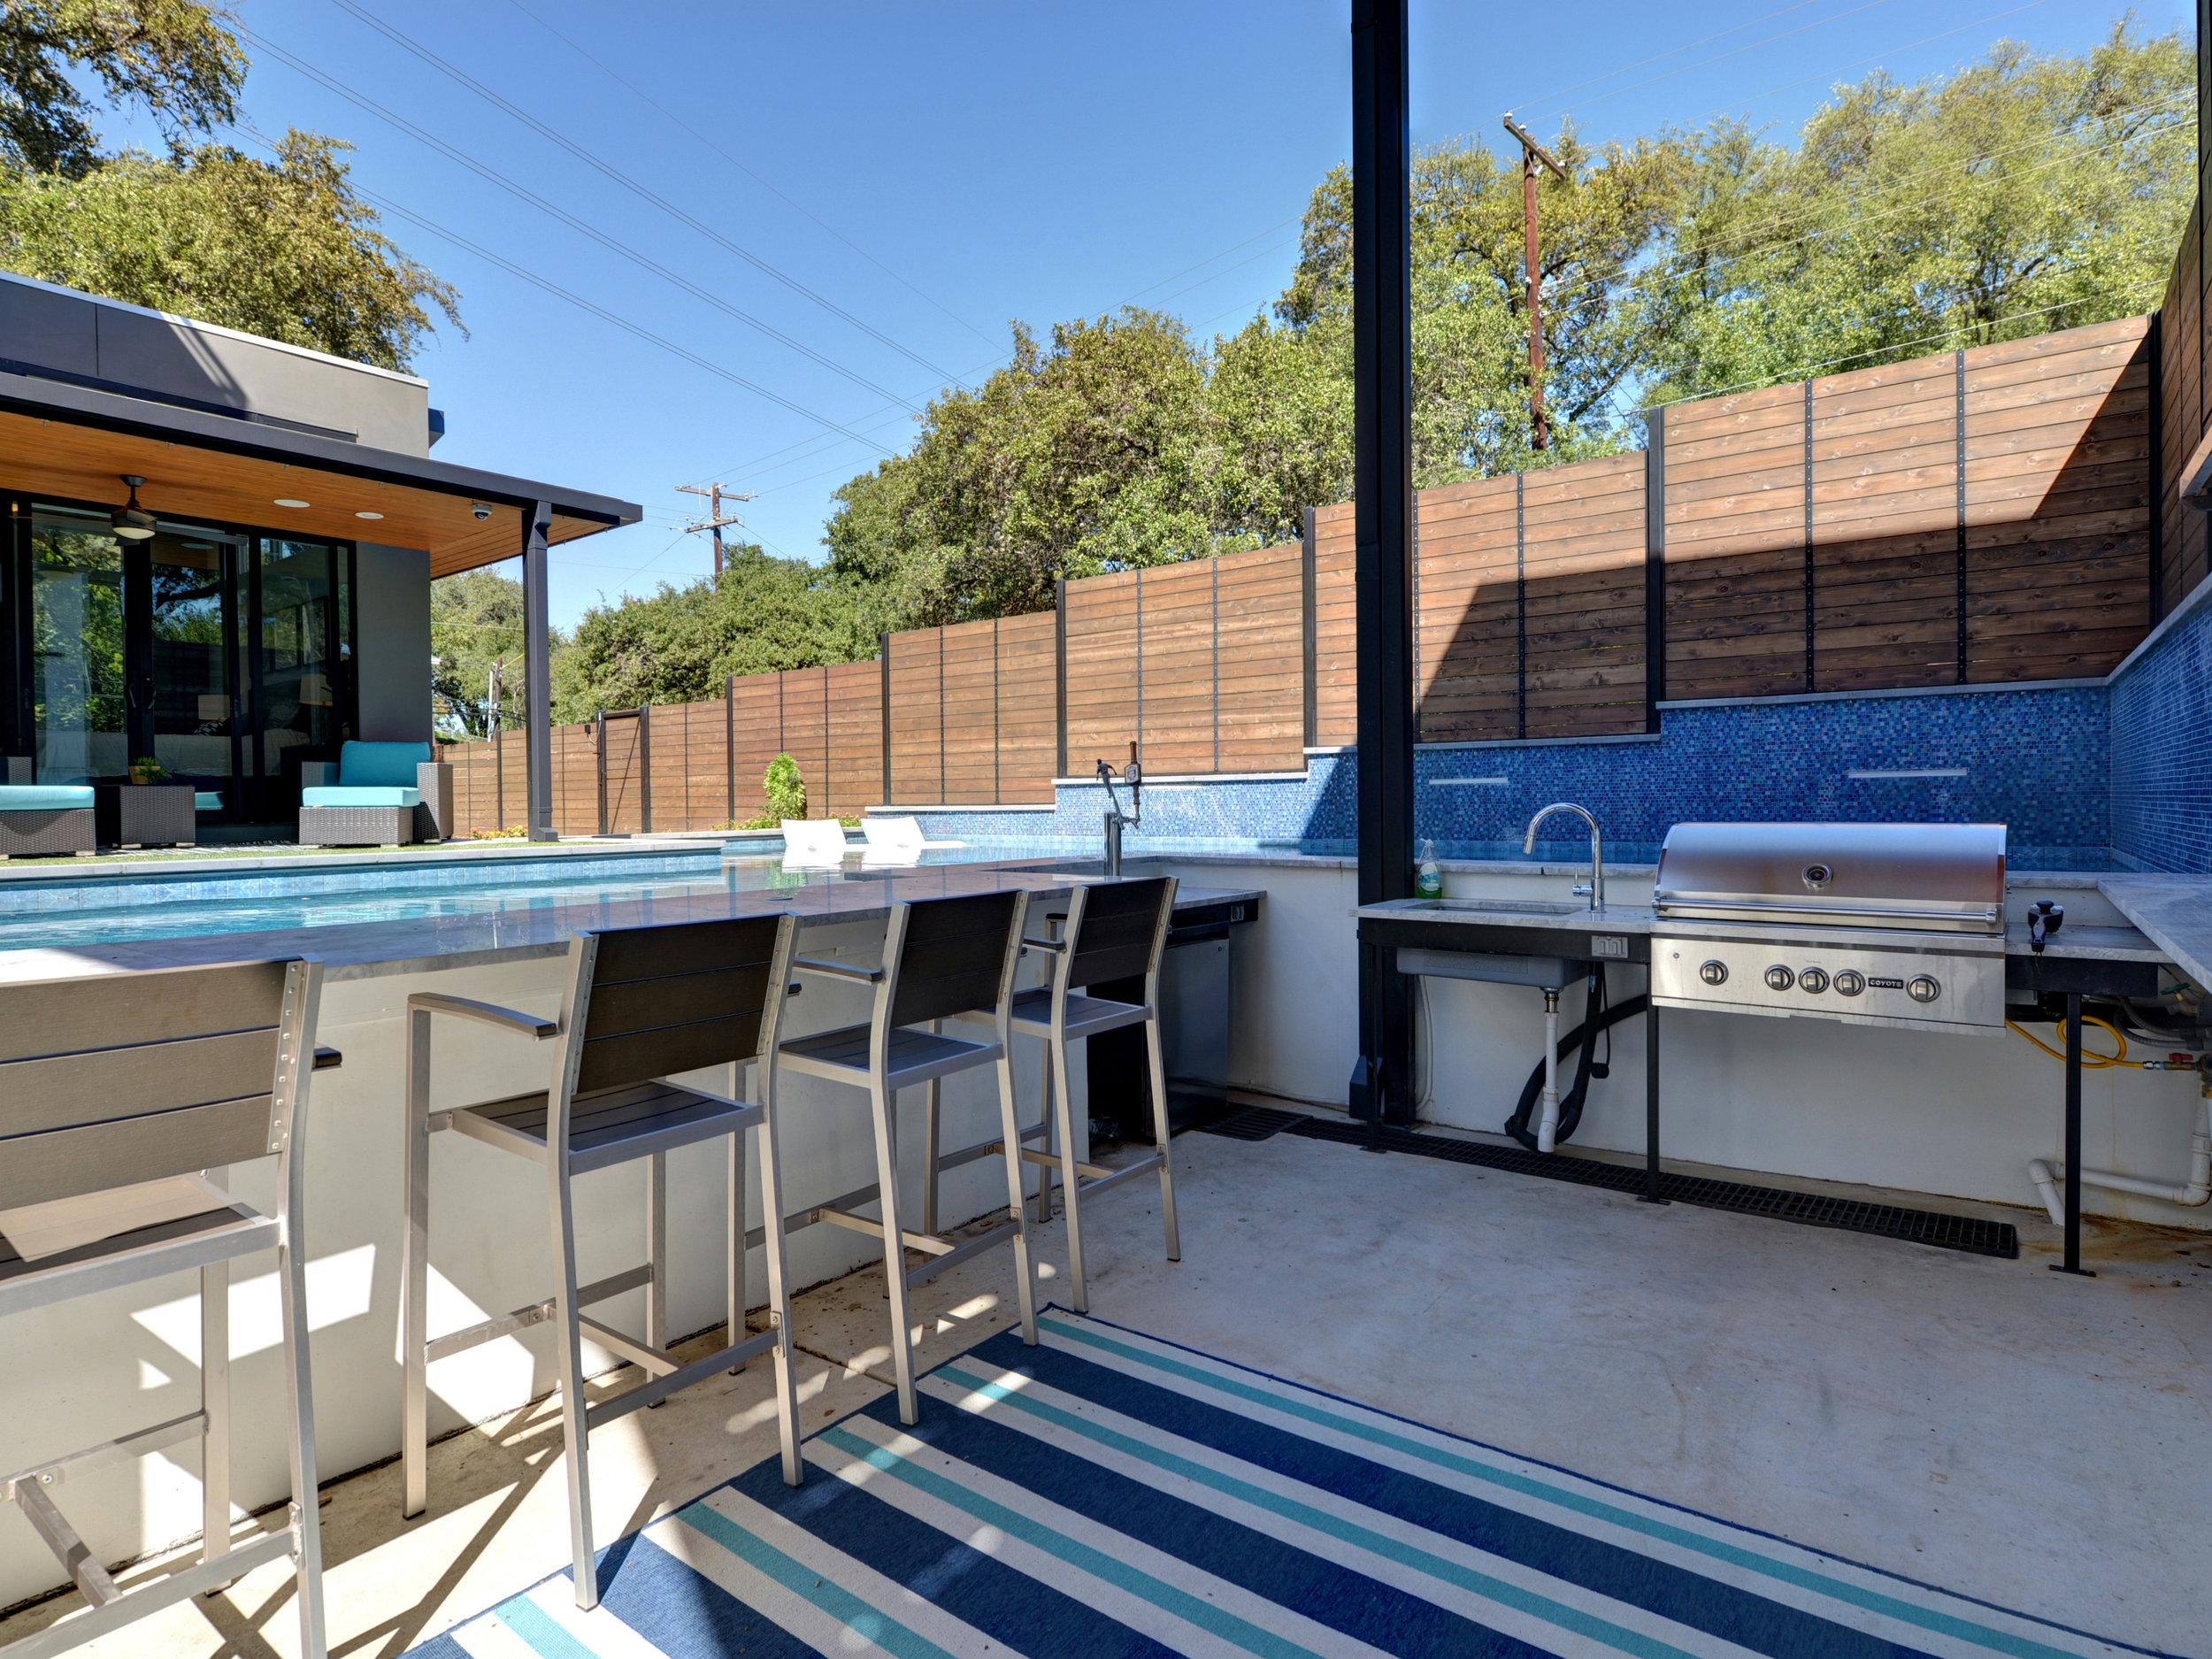 023_Al Fresco Kitchen.jpg